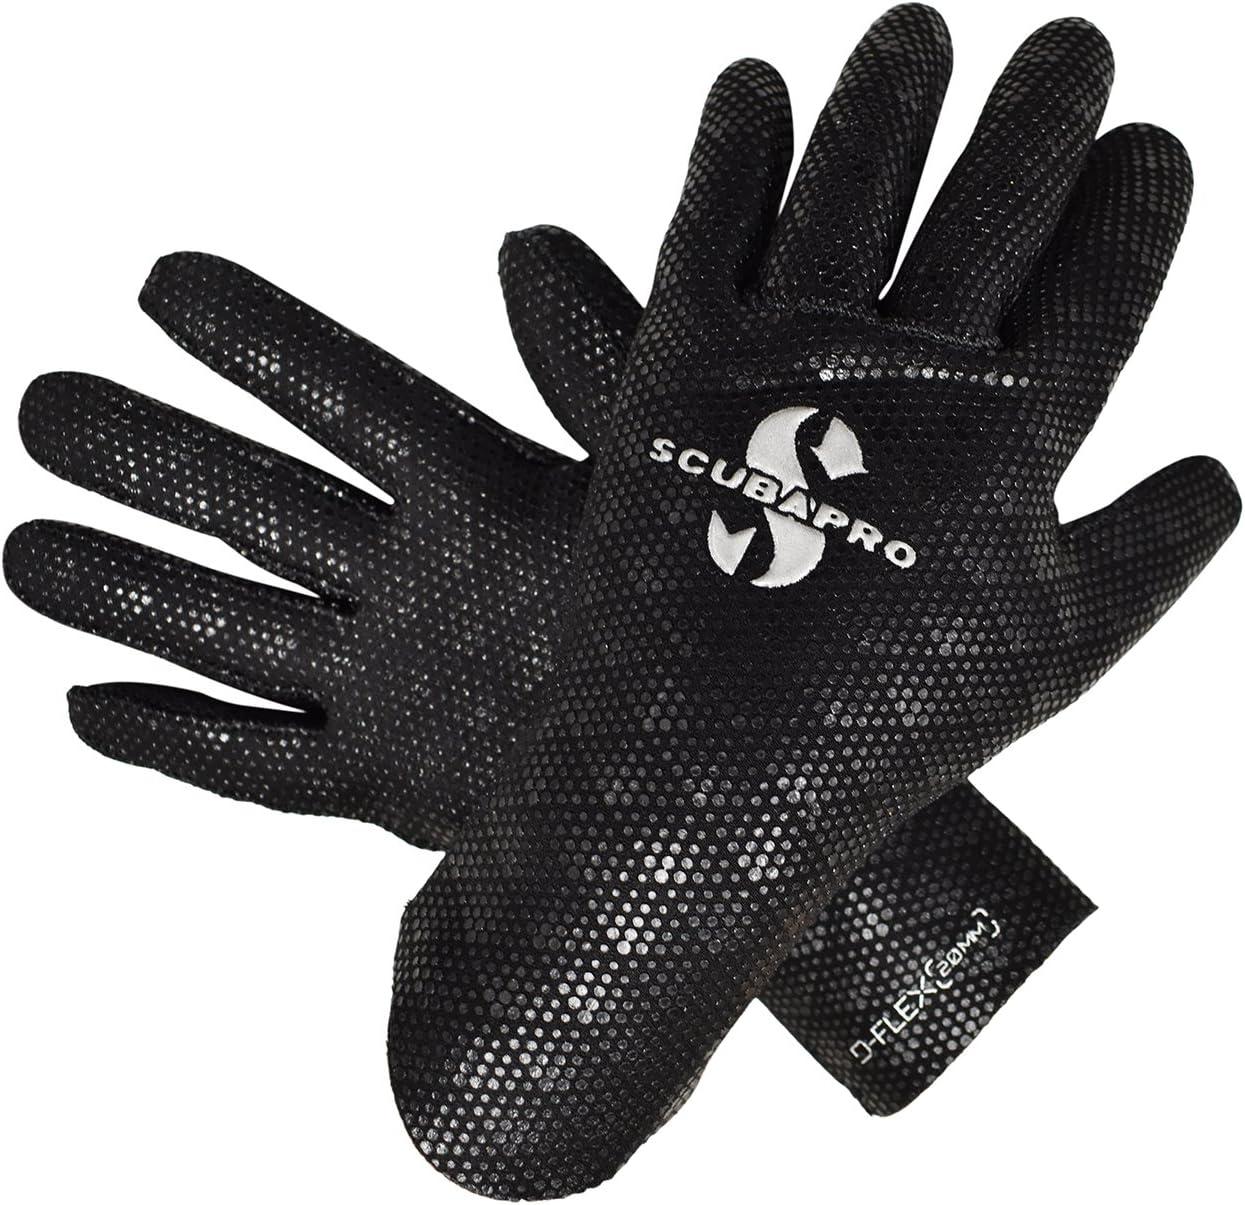 Black Scubapro D-Flex Gloves 2mm